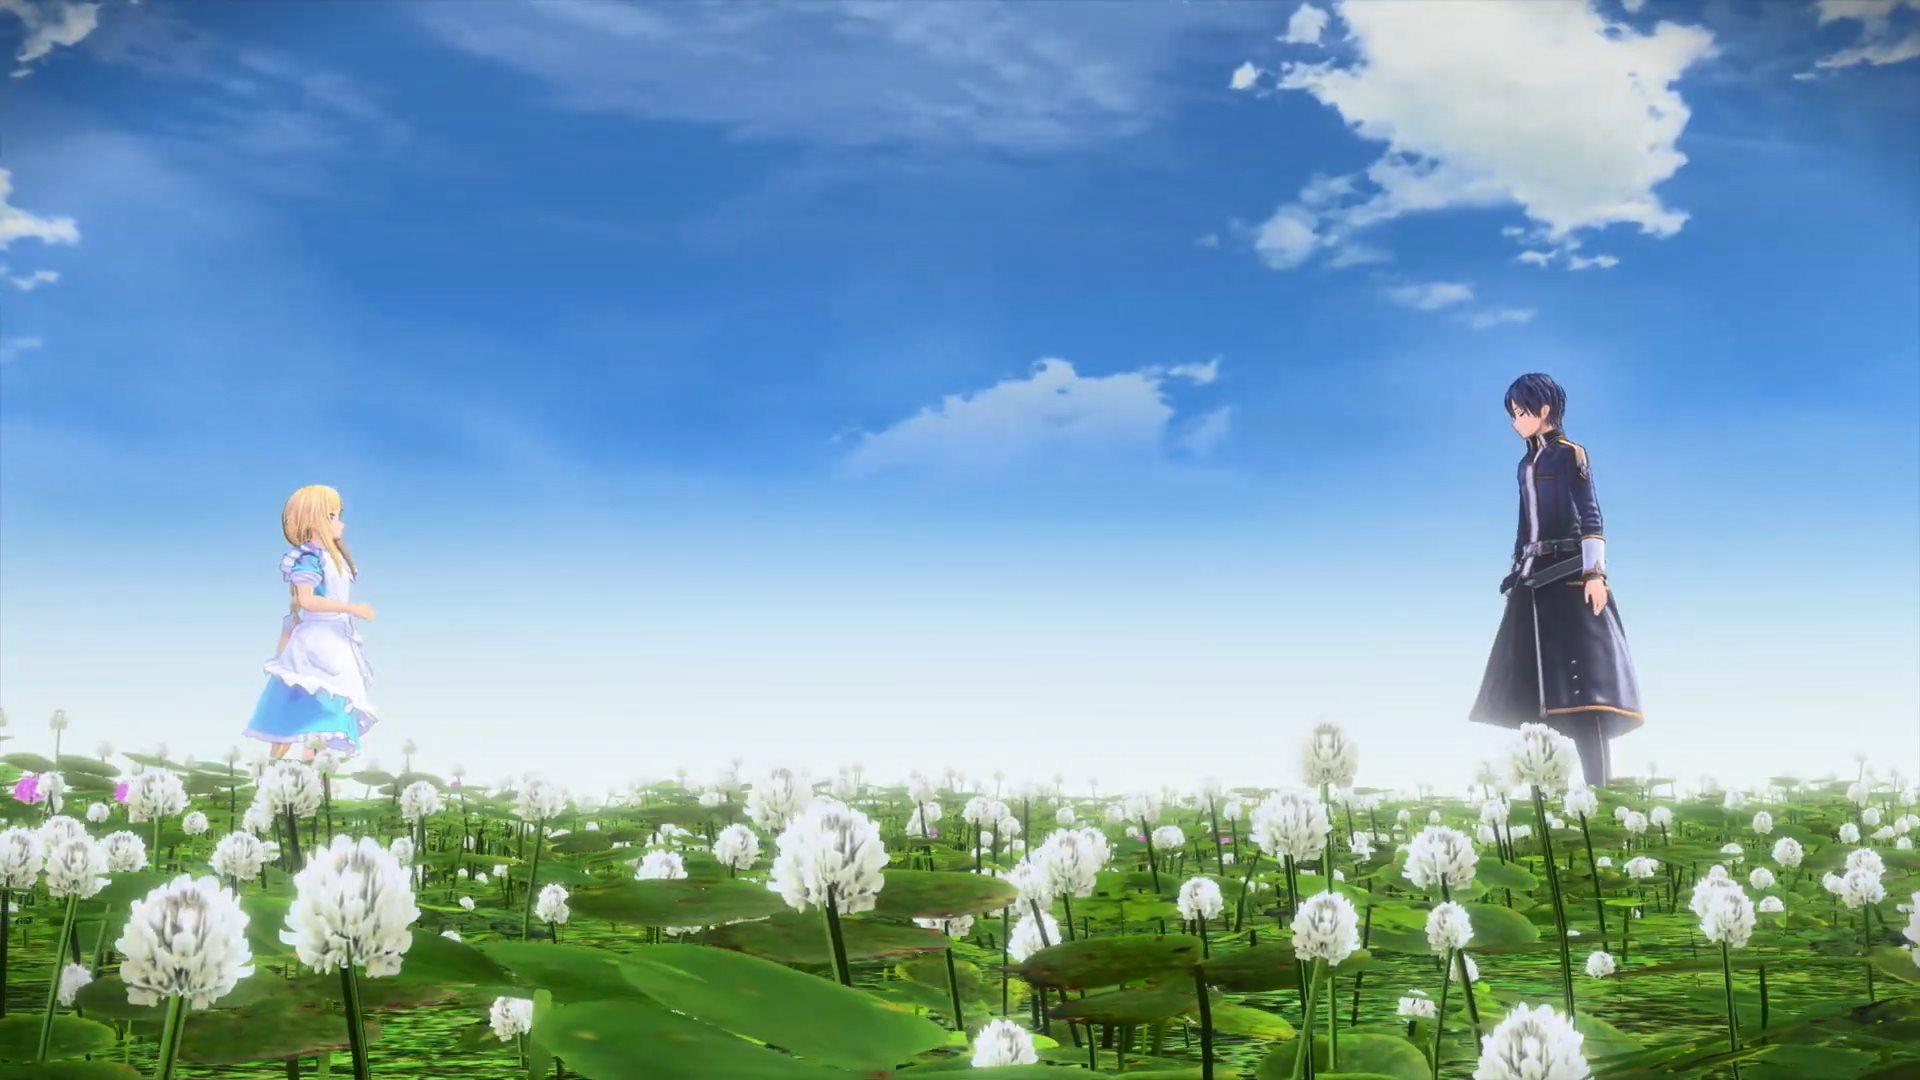 《刀剑神域:彼岸游境》实机演示:战斗系统、游戏环境等